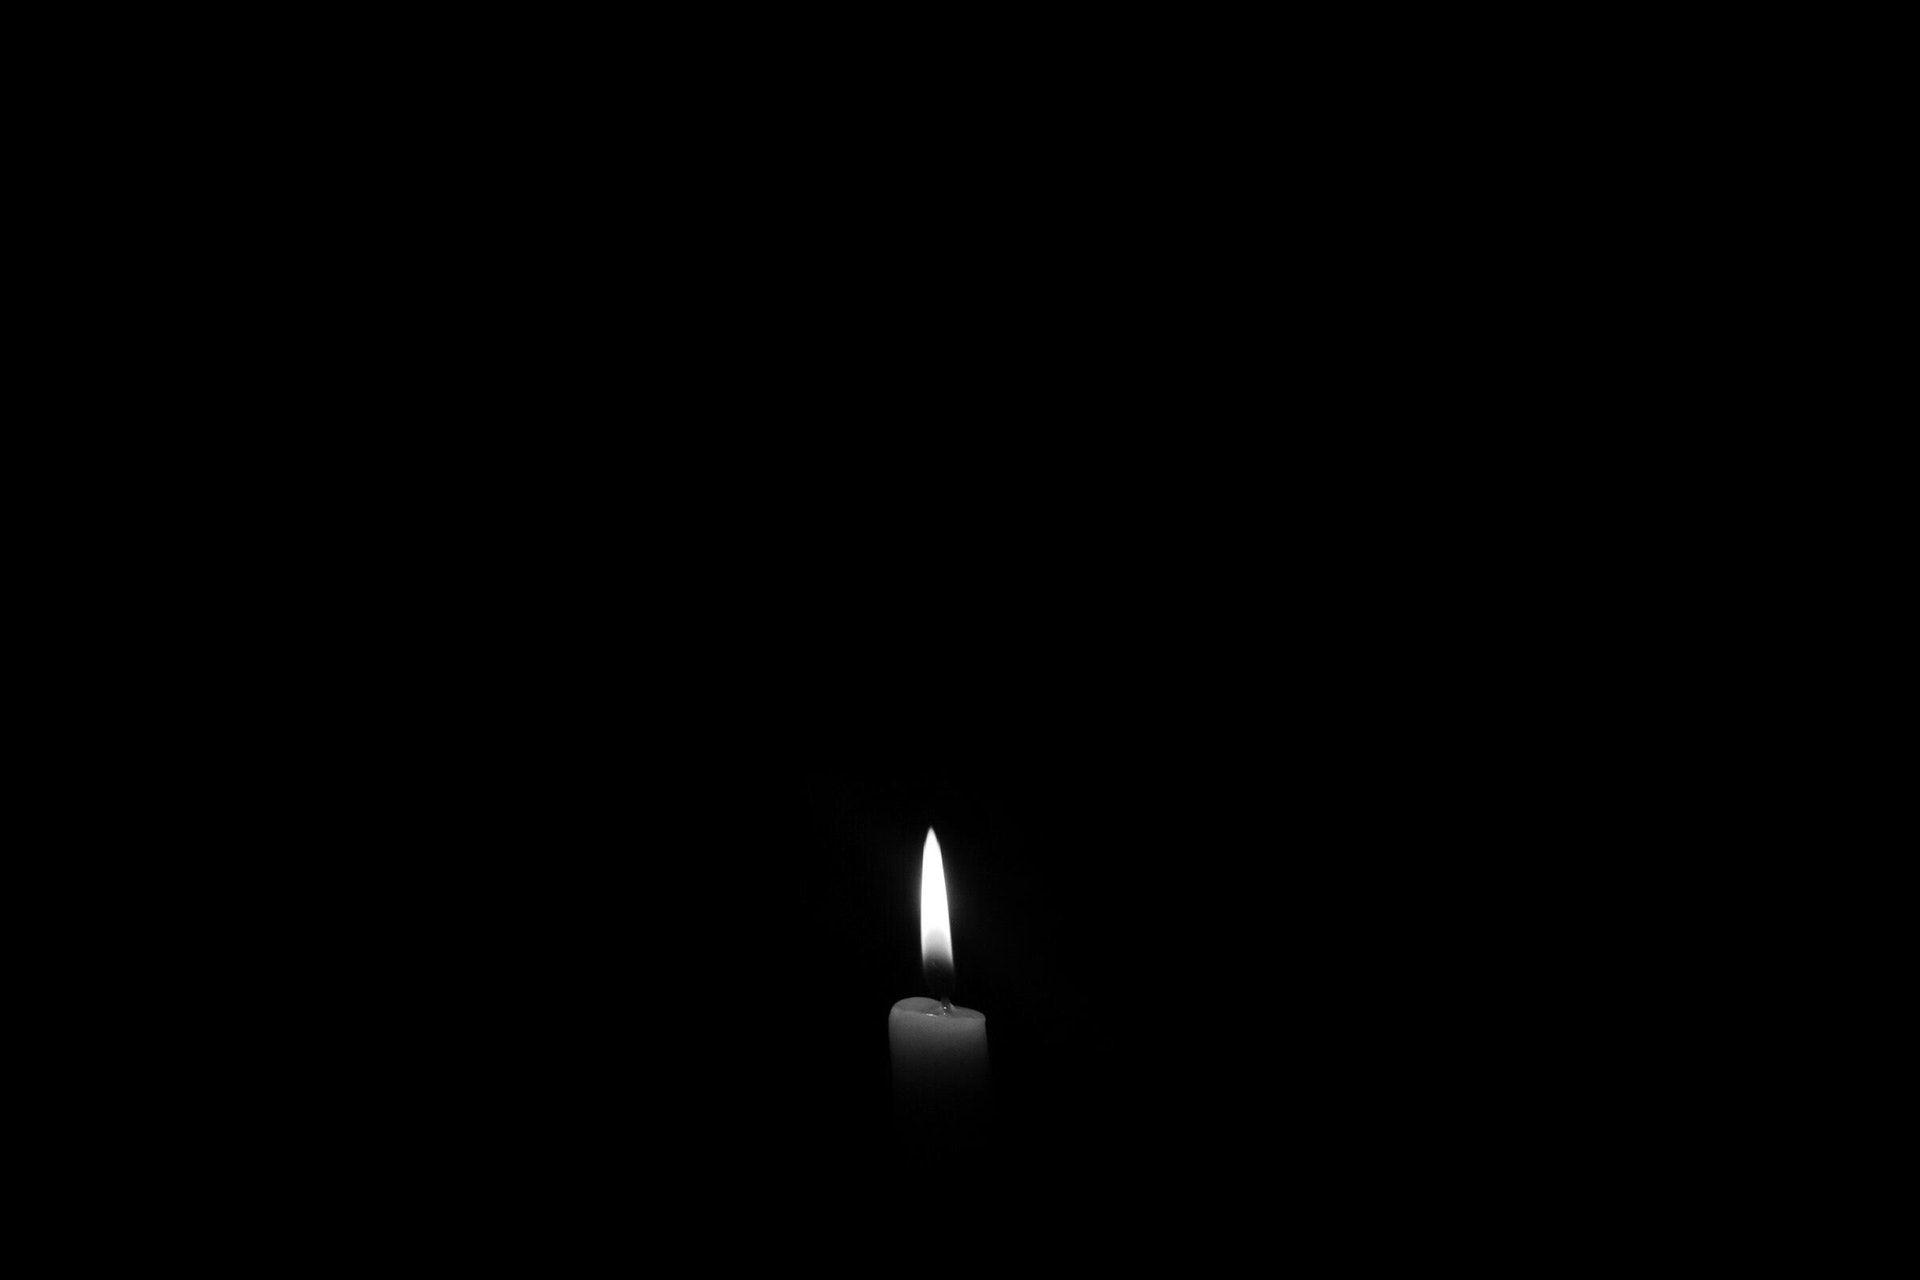 عکس زمینه شمع روشن تاریک سیاه و سفید پس زمینه